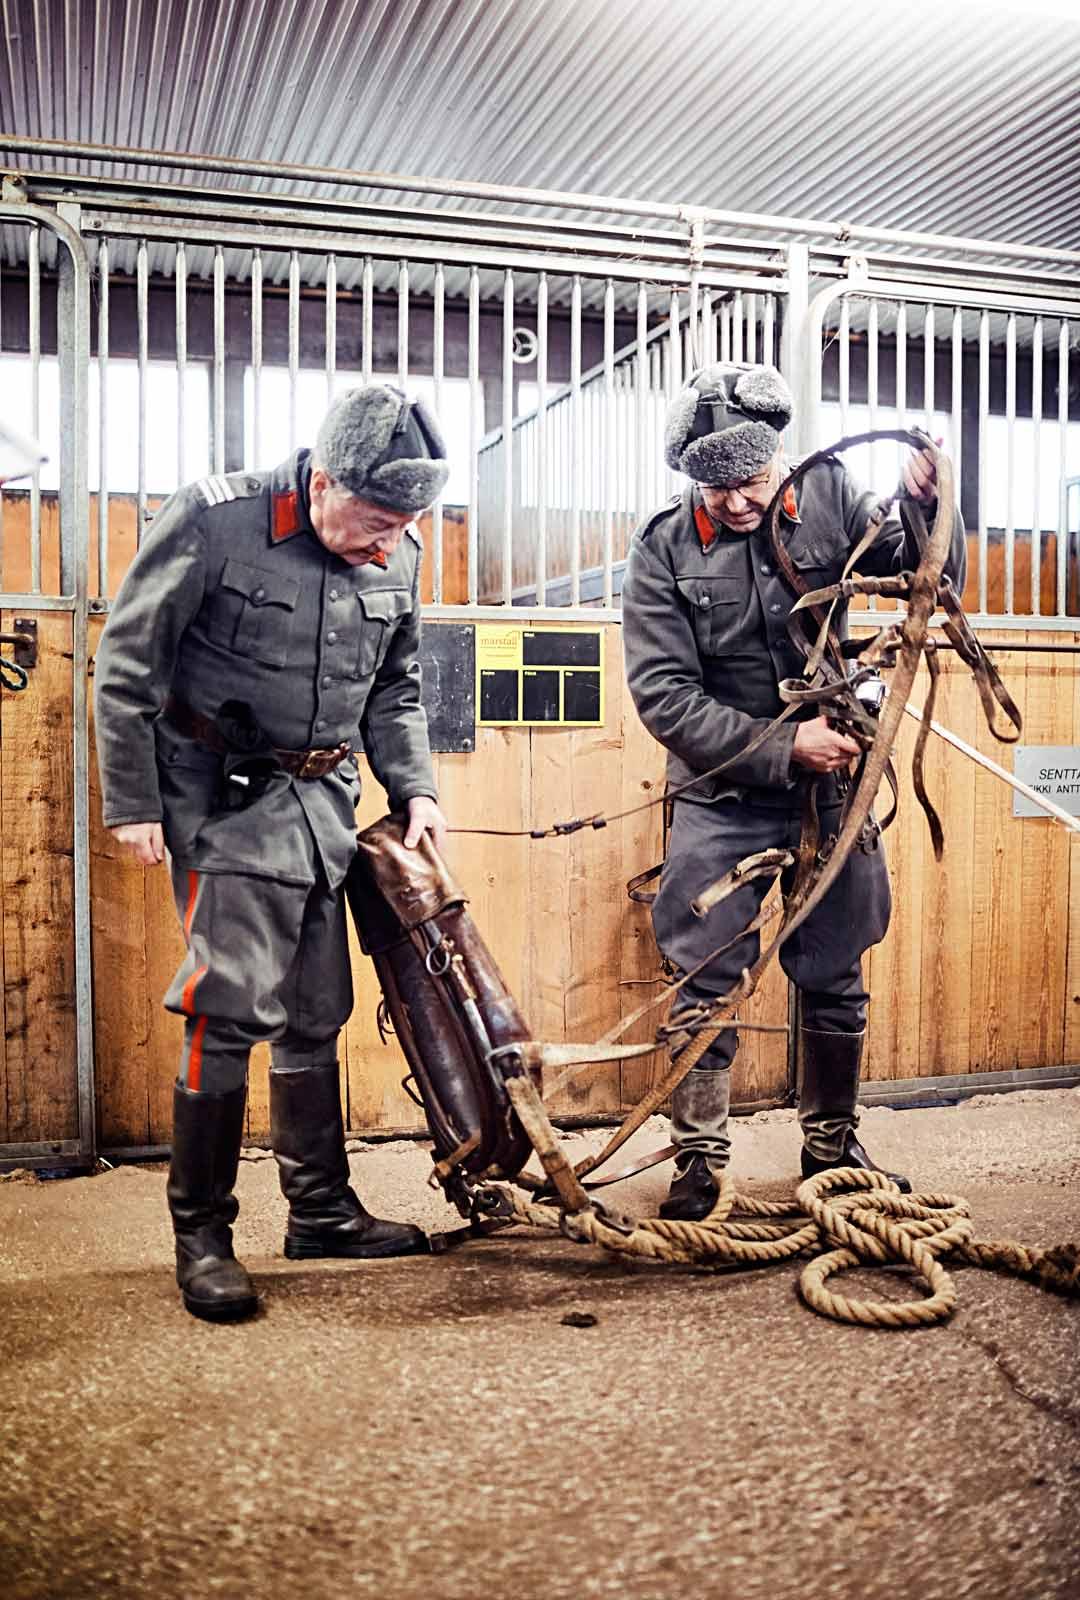 Tykkihevosen vyöt, soljet ja köydet ovat vääntyneet vyyhdiksi. Pekka Termala (vasemmalla) ja Matti Peurala joutuivat selvittelyhommiin.